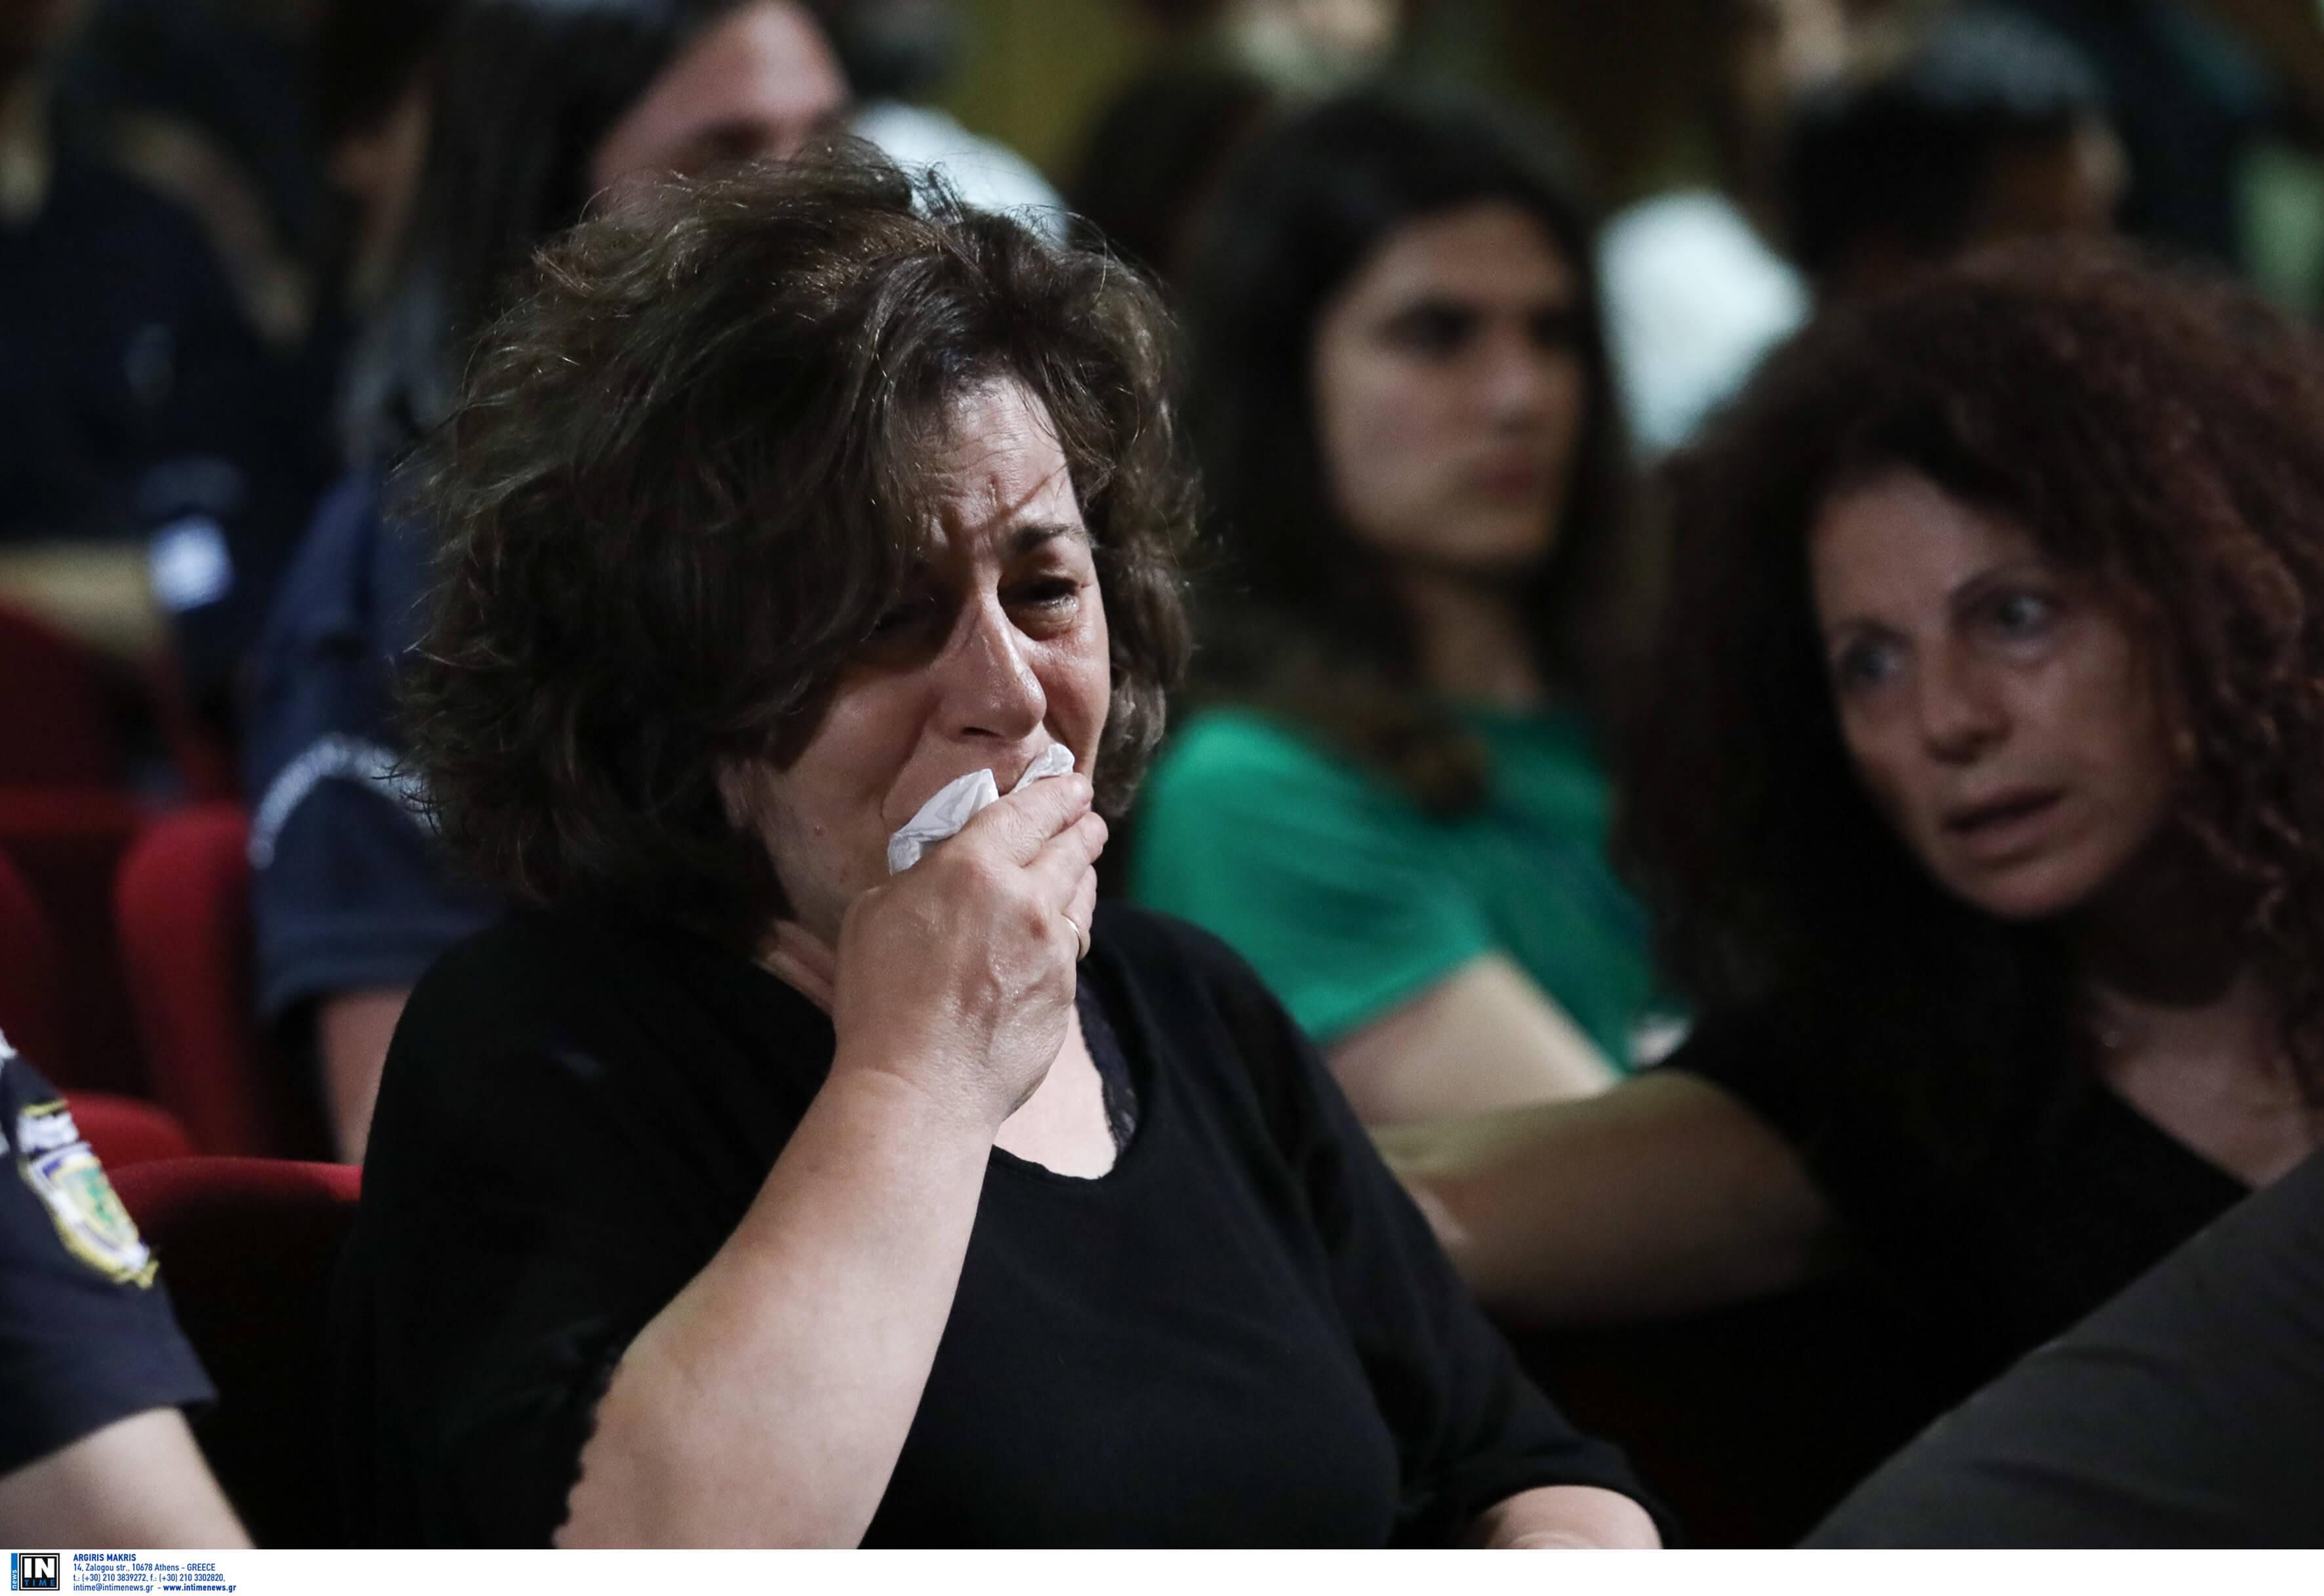 Κατέρρευσε η μητέρα του Παύλου Φύσσα μόλις είδε τον Ρουπακιά στο δικαστήριο